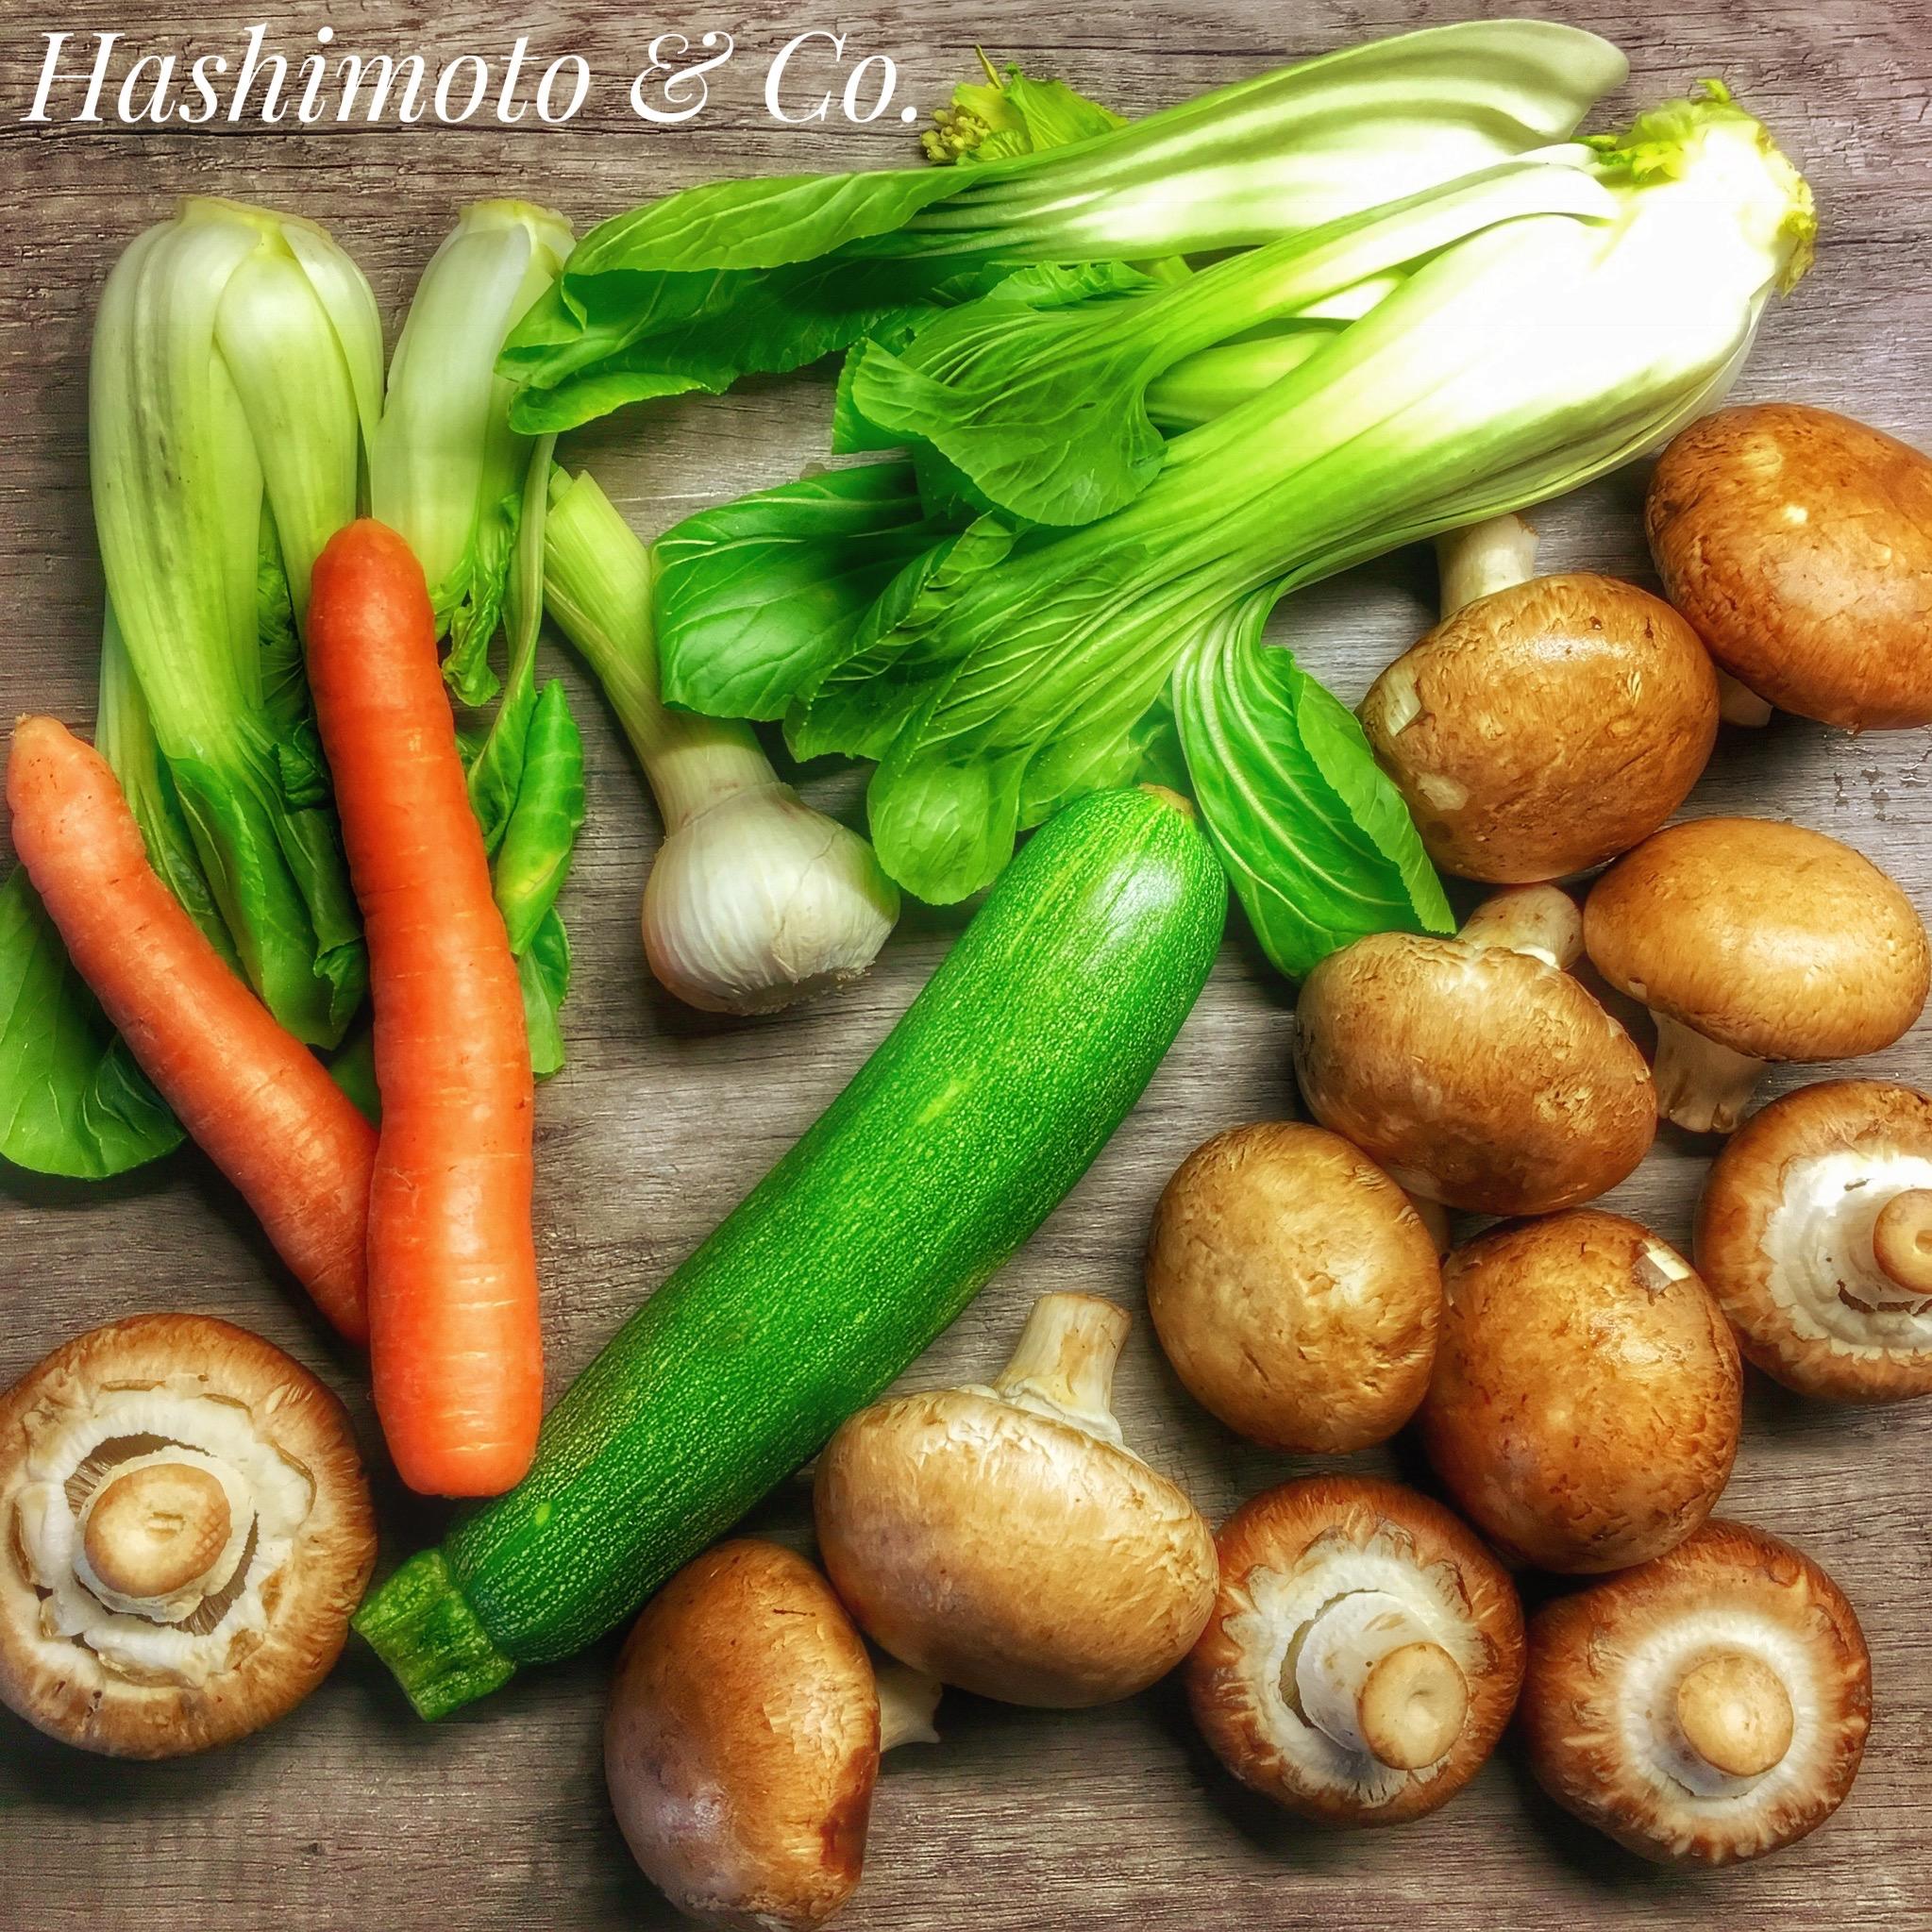 Gemüse bildet die Grundlage im AIP. Obst ist ebenfalls wichtig, wegen des hohen Kohlenhydratanteils aber mengenmäßig untergeordnet.